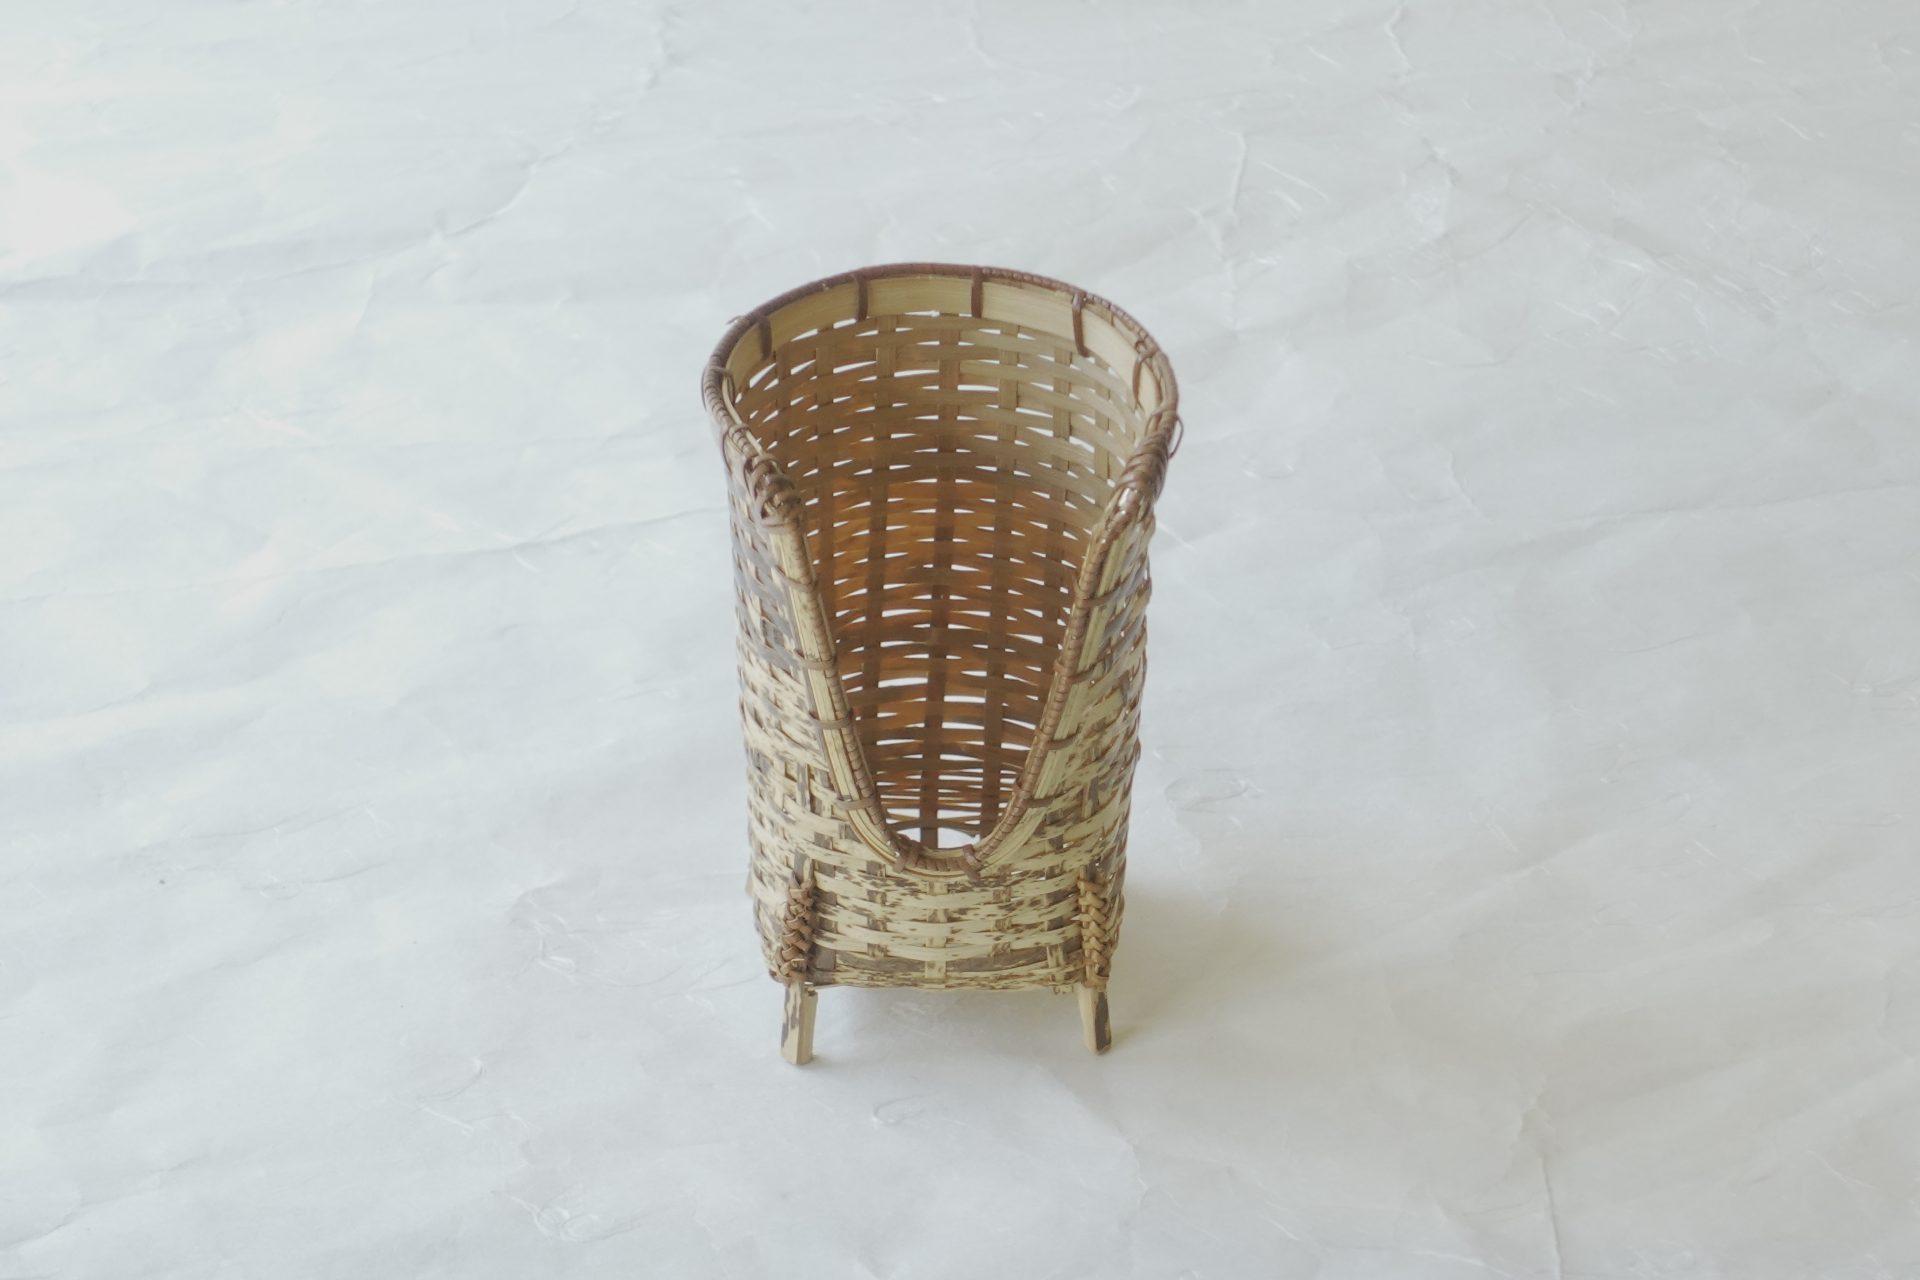 漆器 日本製 竹製 碗筒 煎茶道 煎茶碗 竹の編み方 細かい 補強 職人技 竹の表皮 滑らか とら竹 茶色が混じった竹 自然の模様 侘びた雰囲気